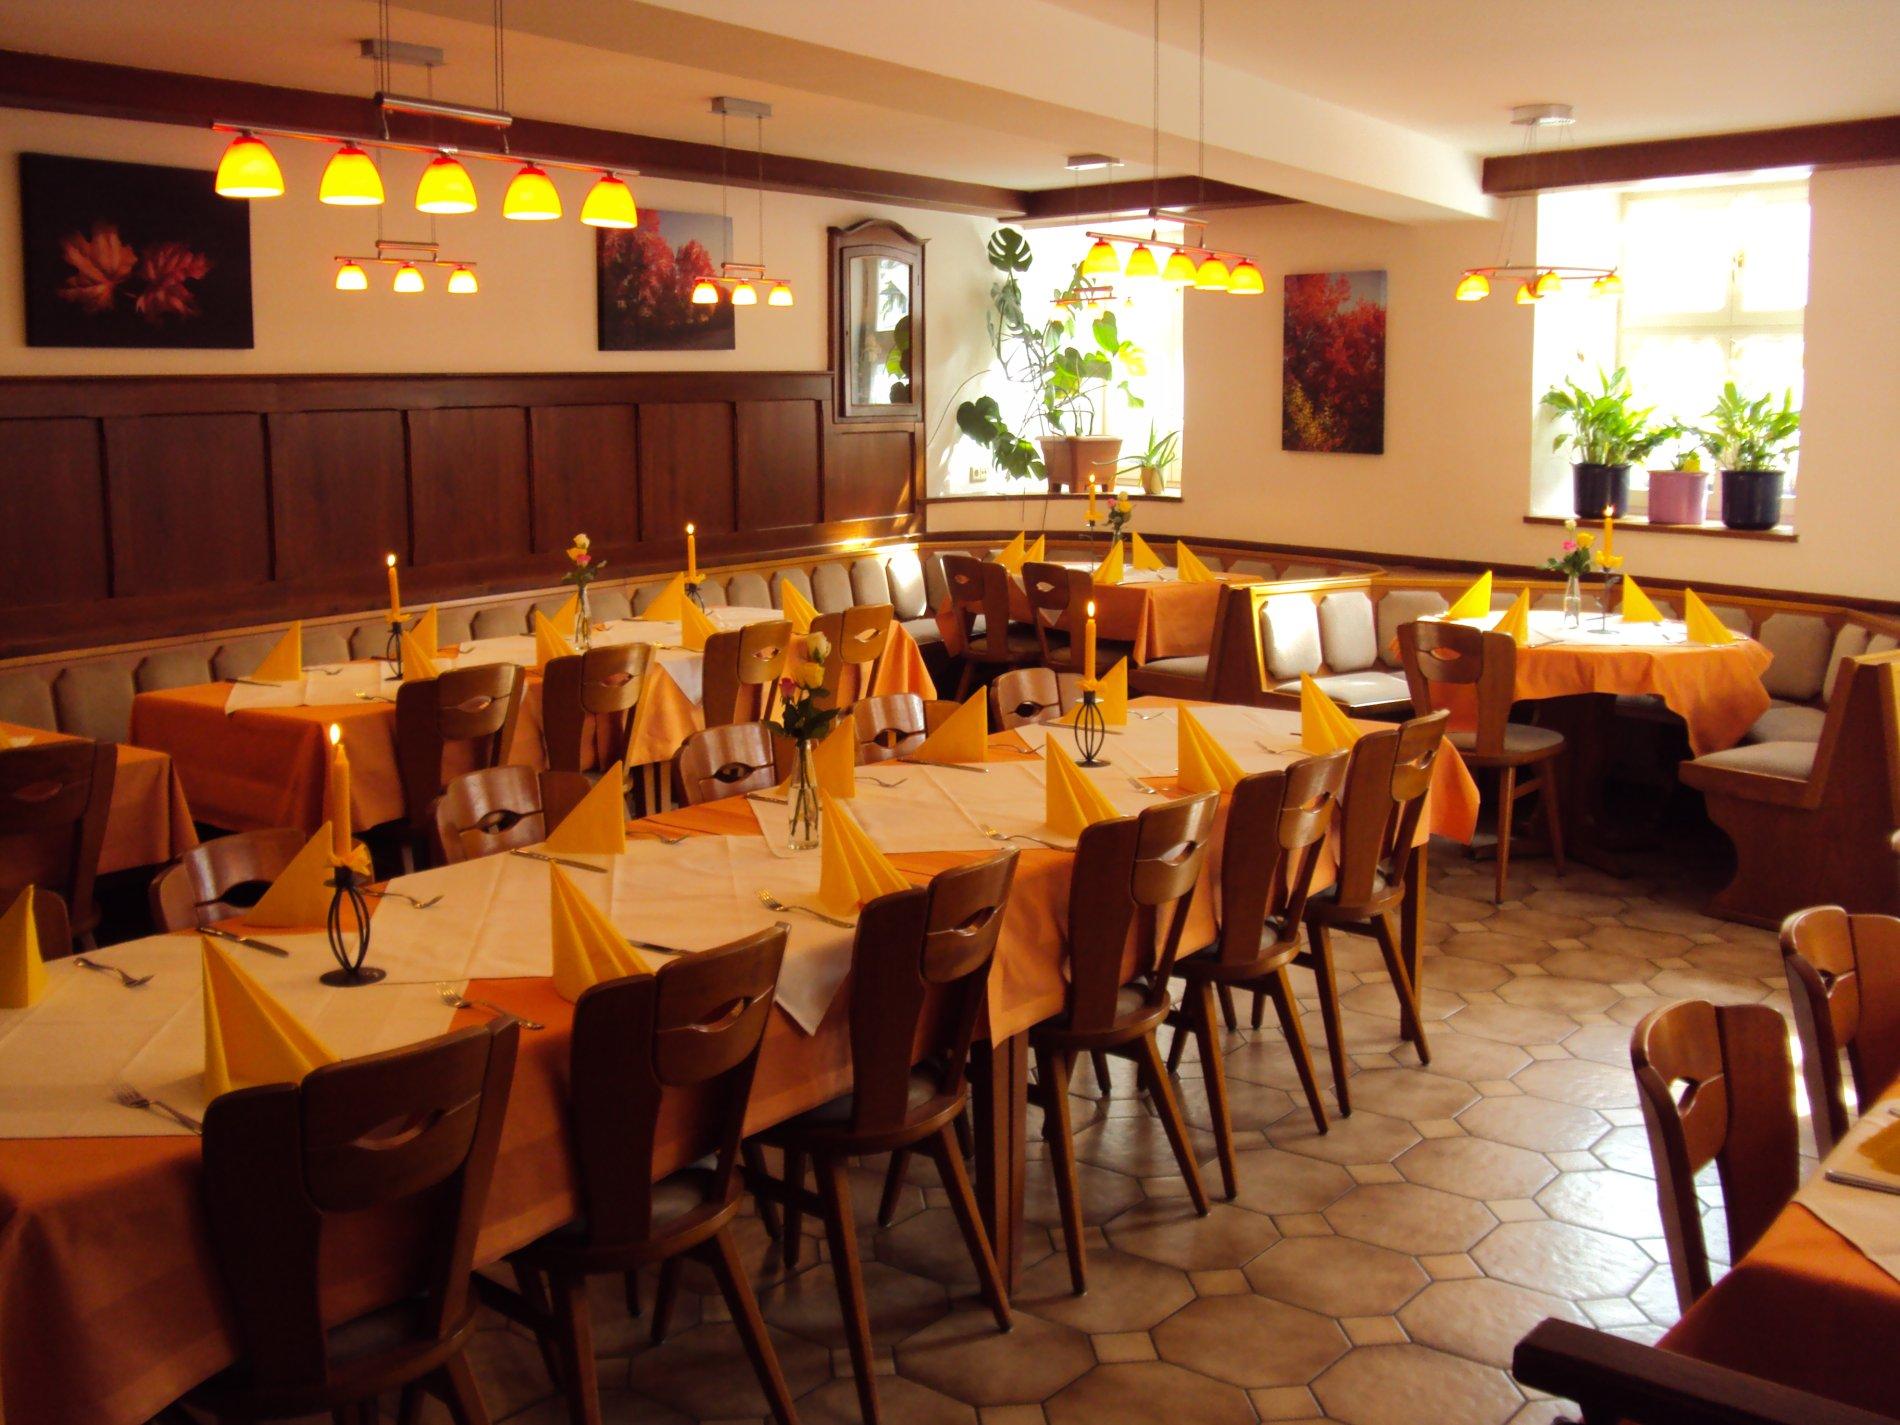 Ein Raum mit mereren Tischen, Stühlen und Bänken. Er ist stimmungsvoll beleuchtet und durch das Holz rustikal.